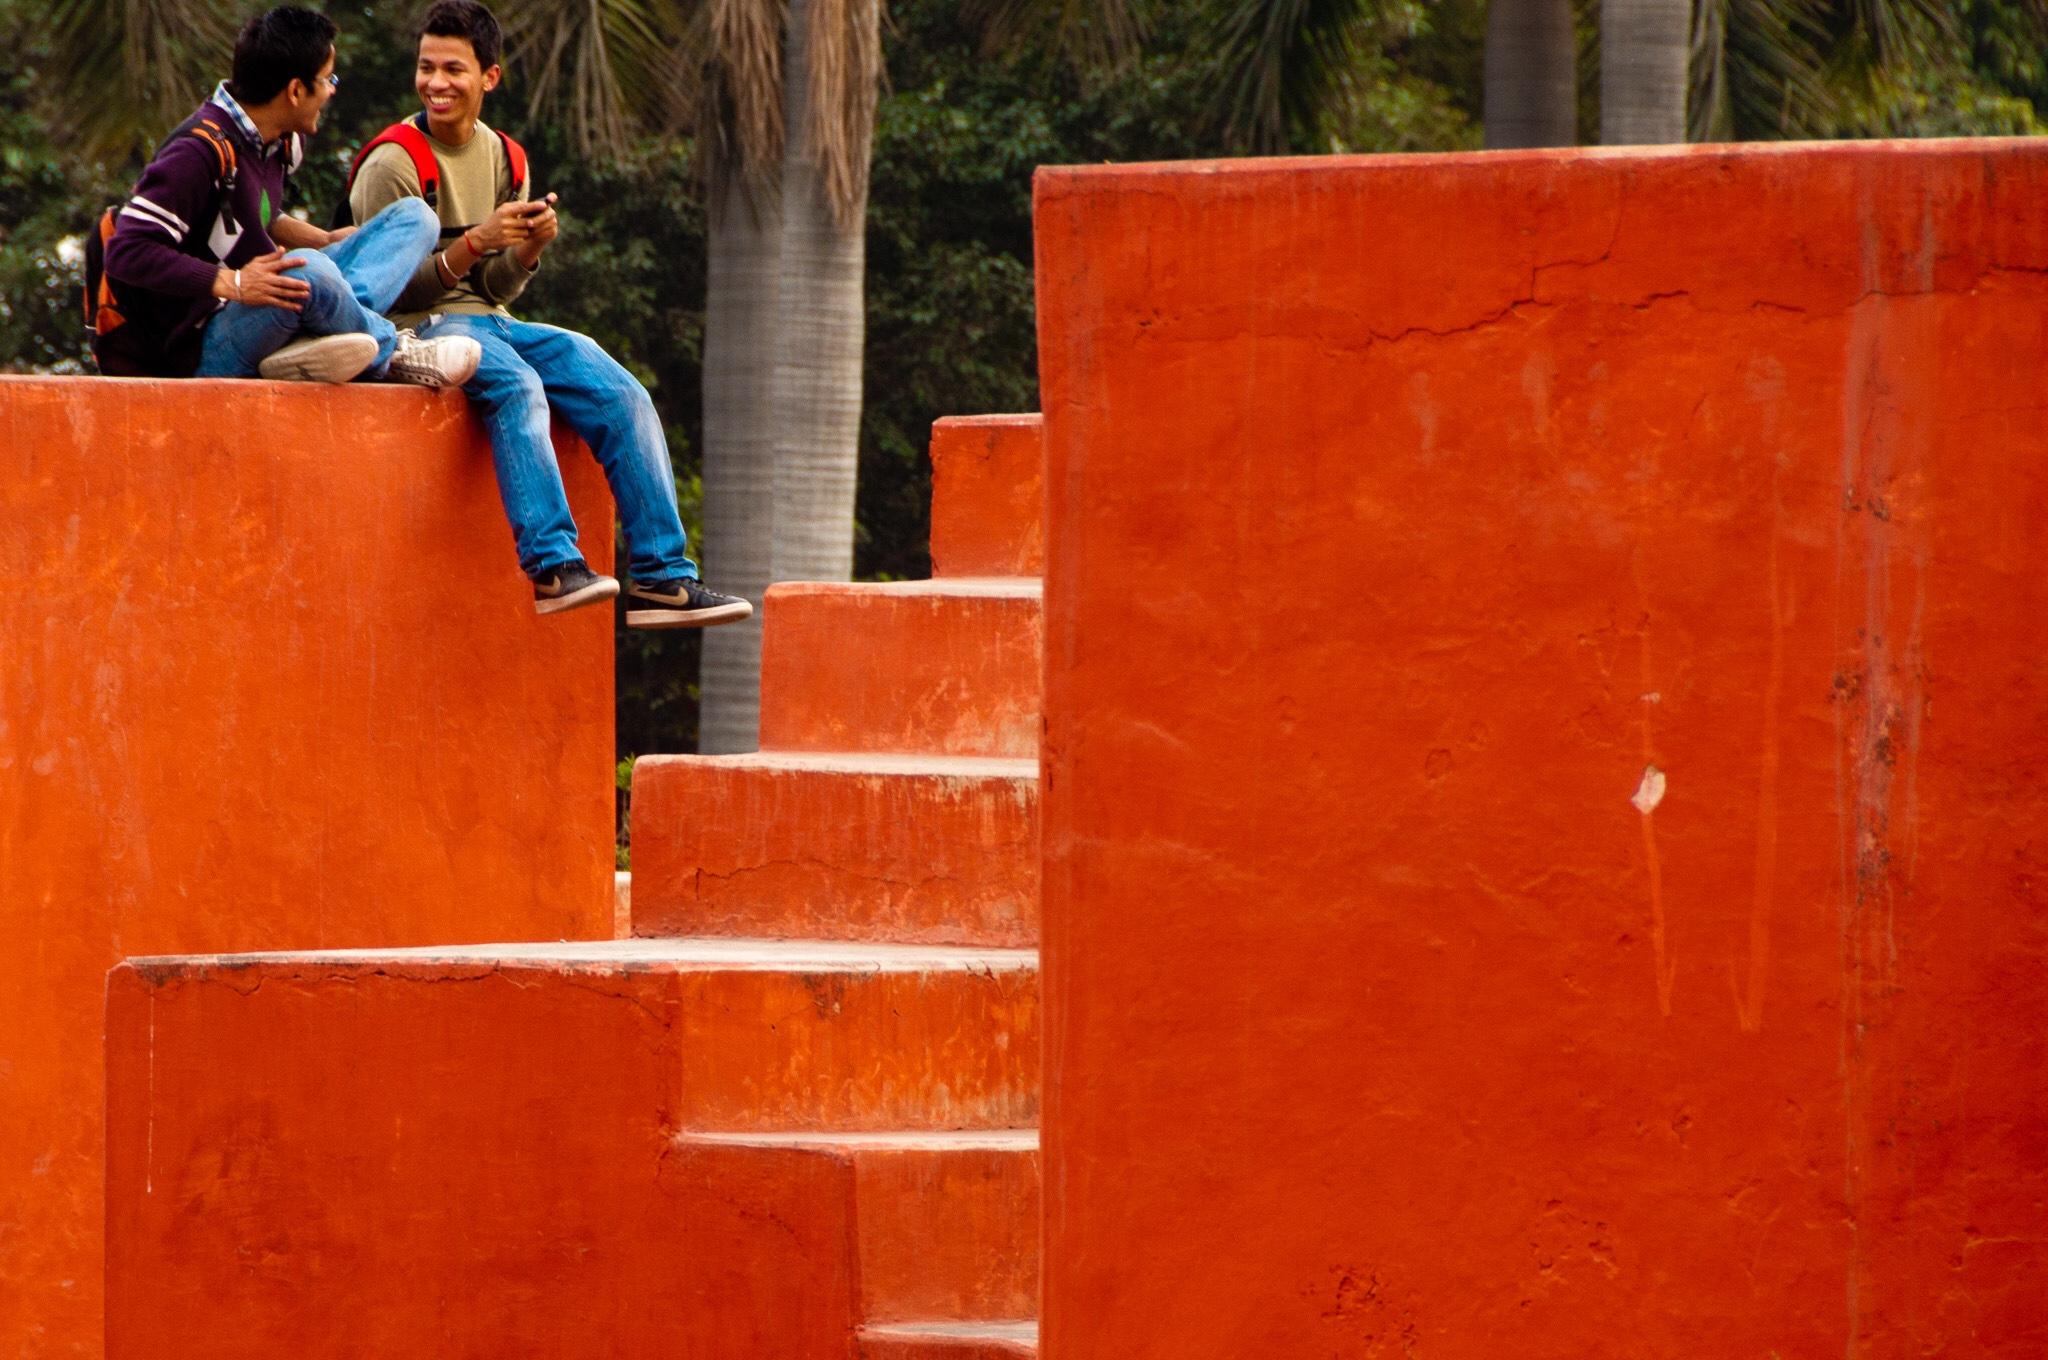 Jantar Mantar, New Delhi, 2011